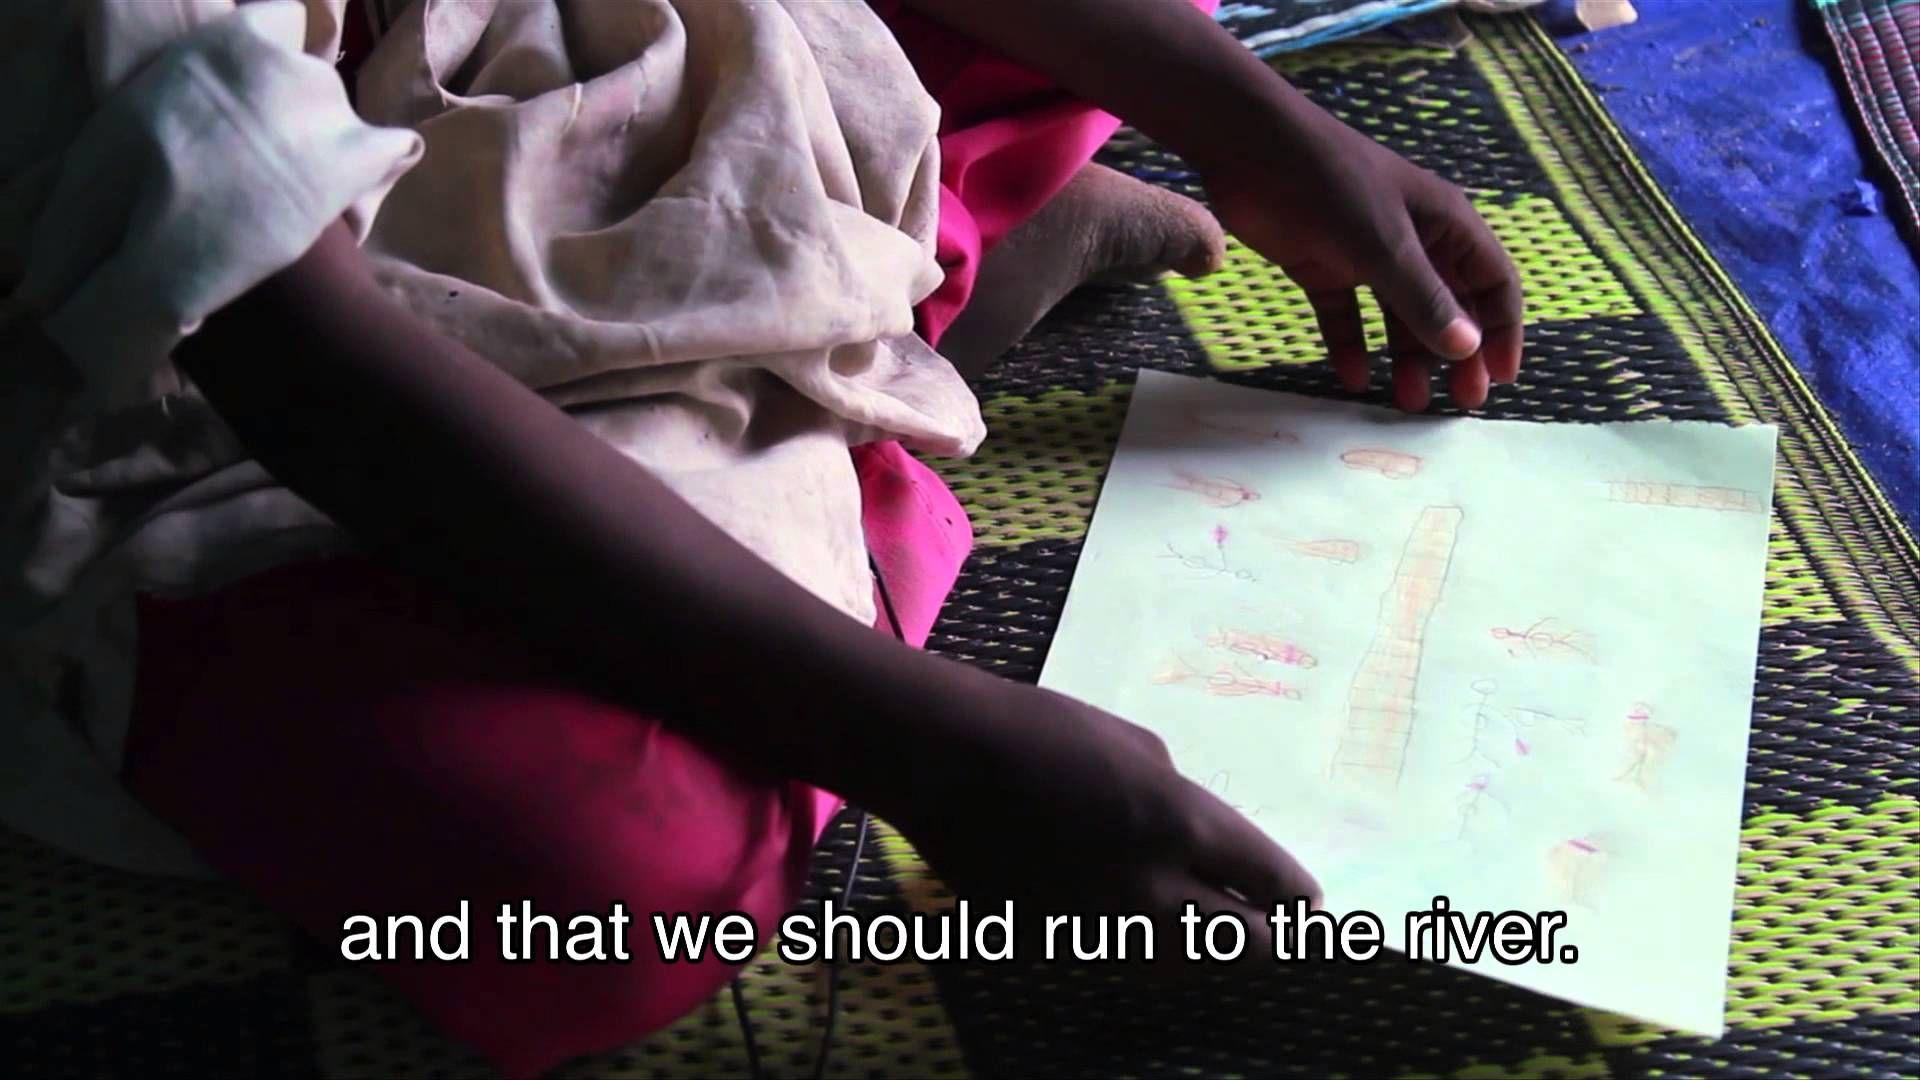 Sani - Uma criança refugiada da Nigéria partilha a sua história